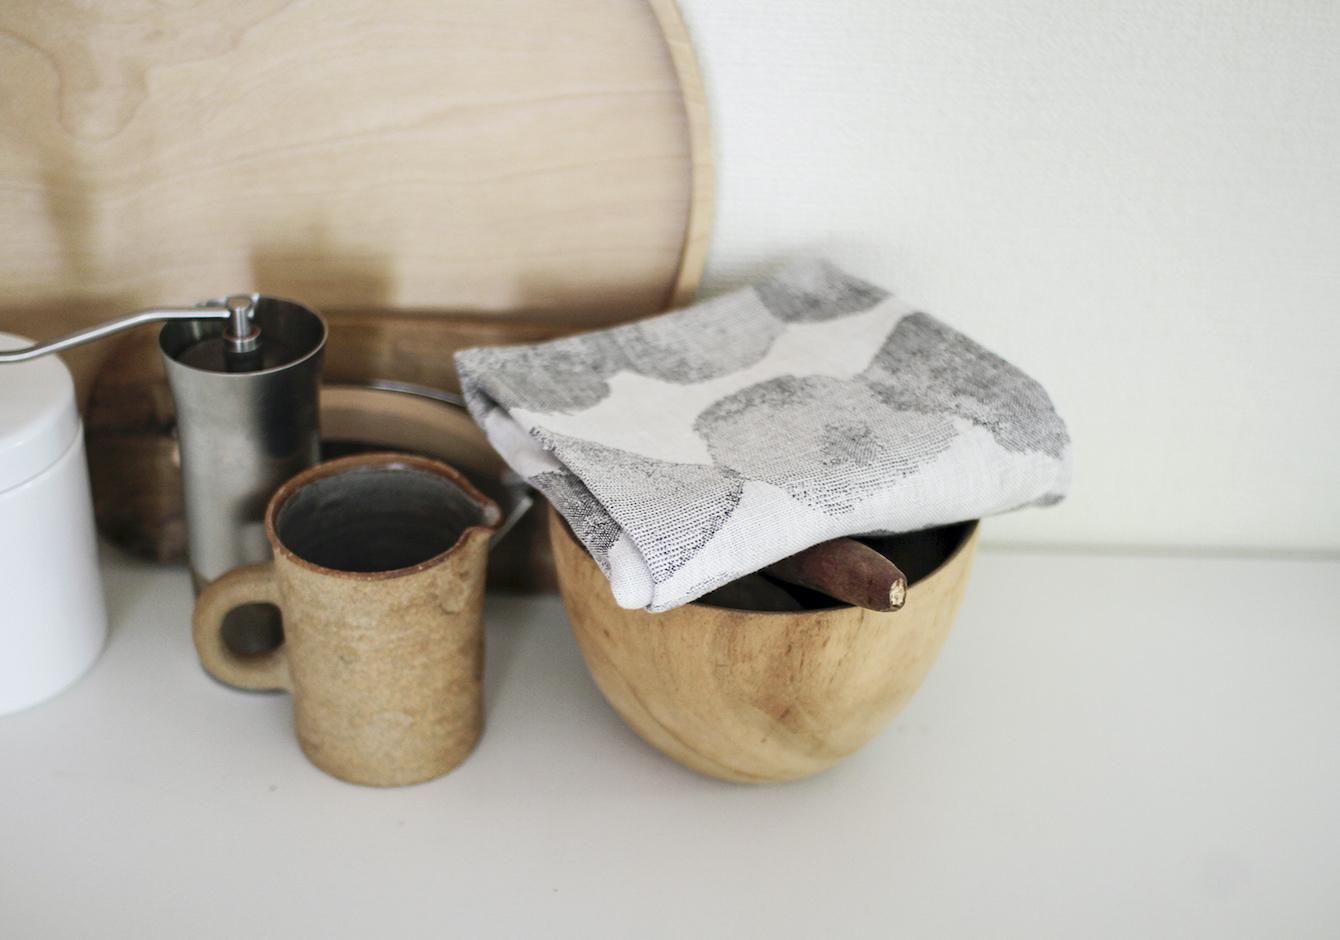 お部屋を彩るキッチンタオル 《デザイン&パターン特集》のイメージ画像